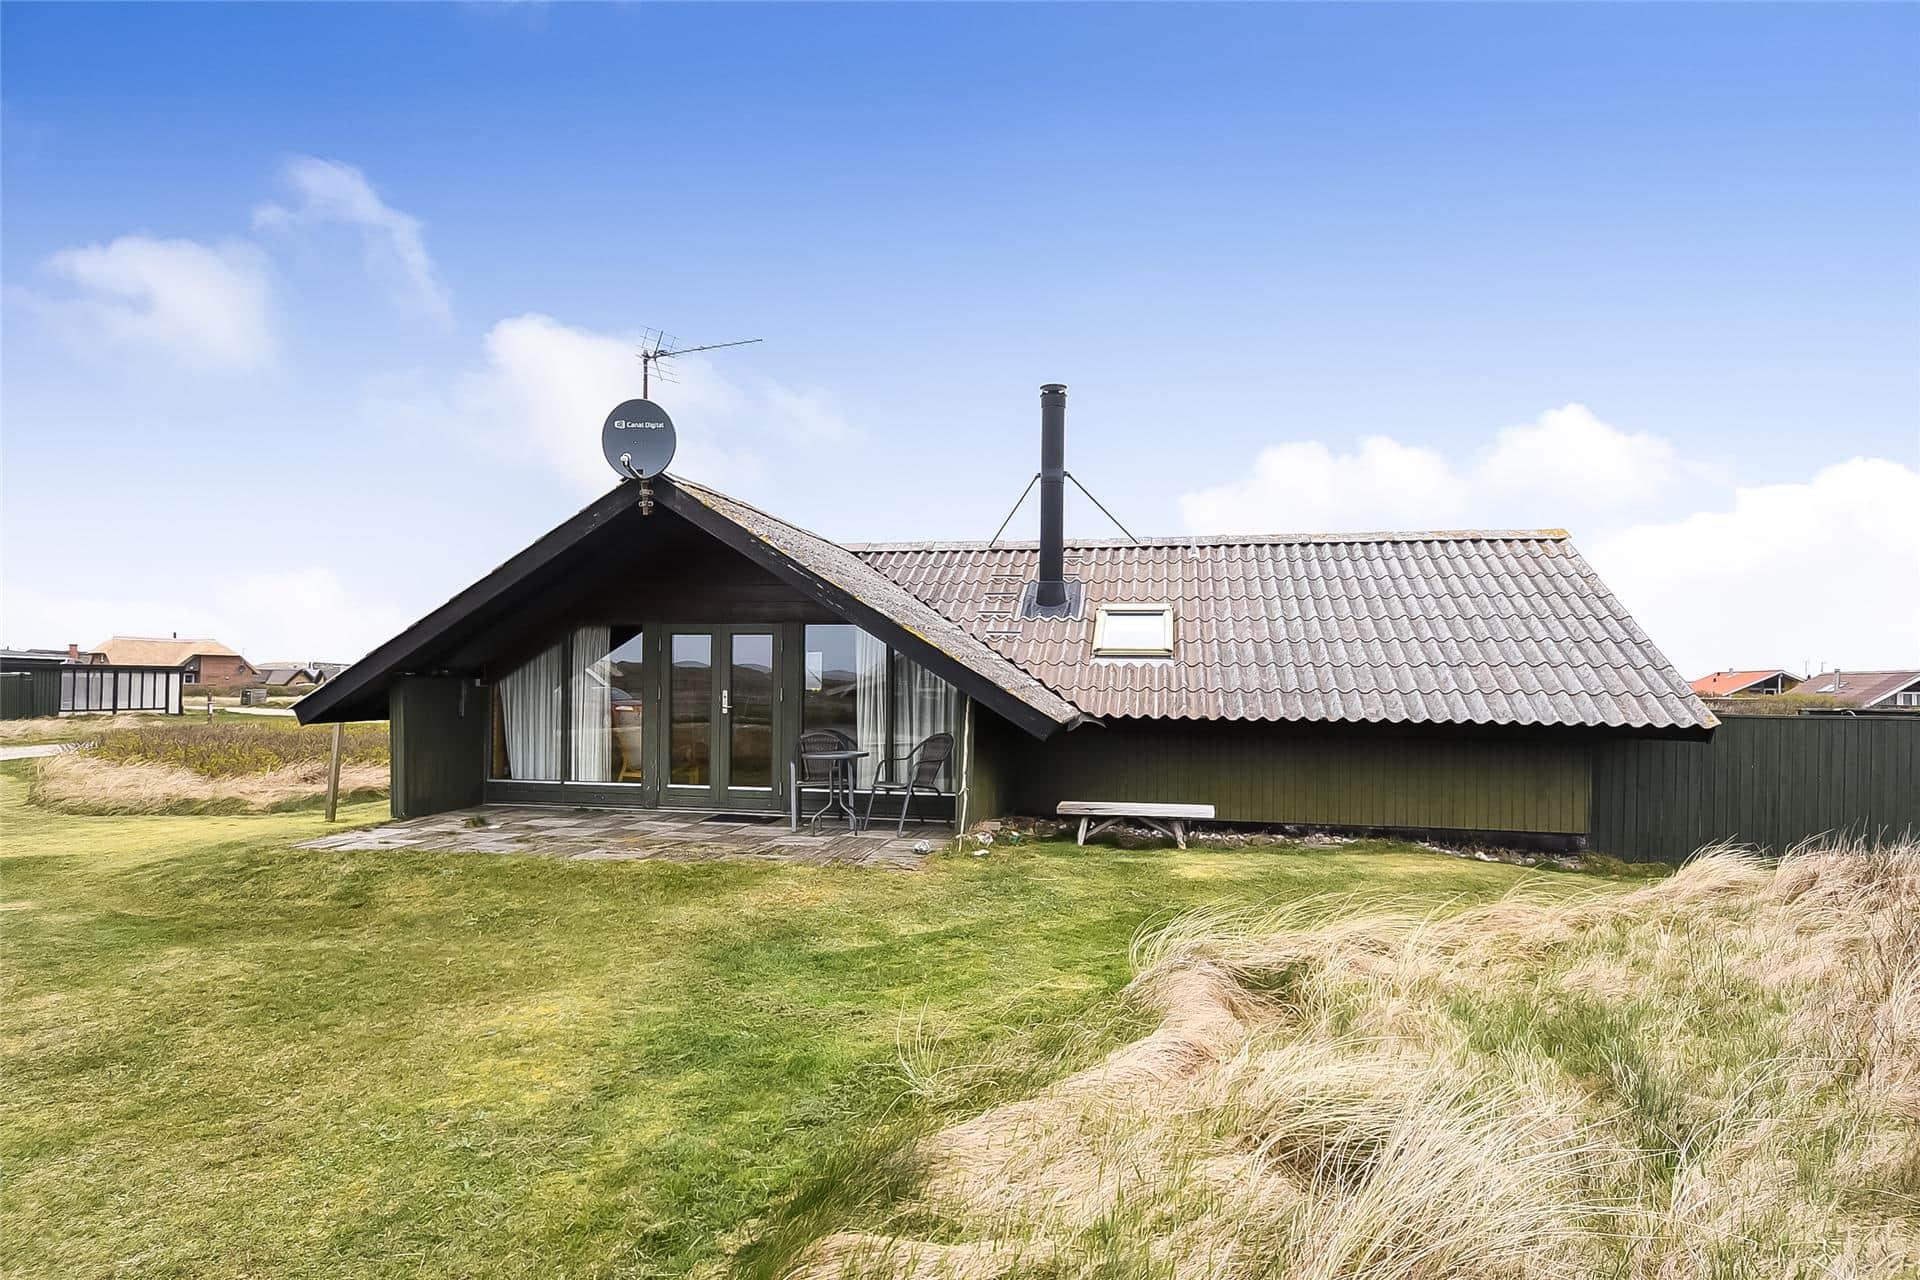 Billede 1-20 Sommerhus 201, Vejlby Klit 263, DK - 7673 Harboøre